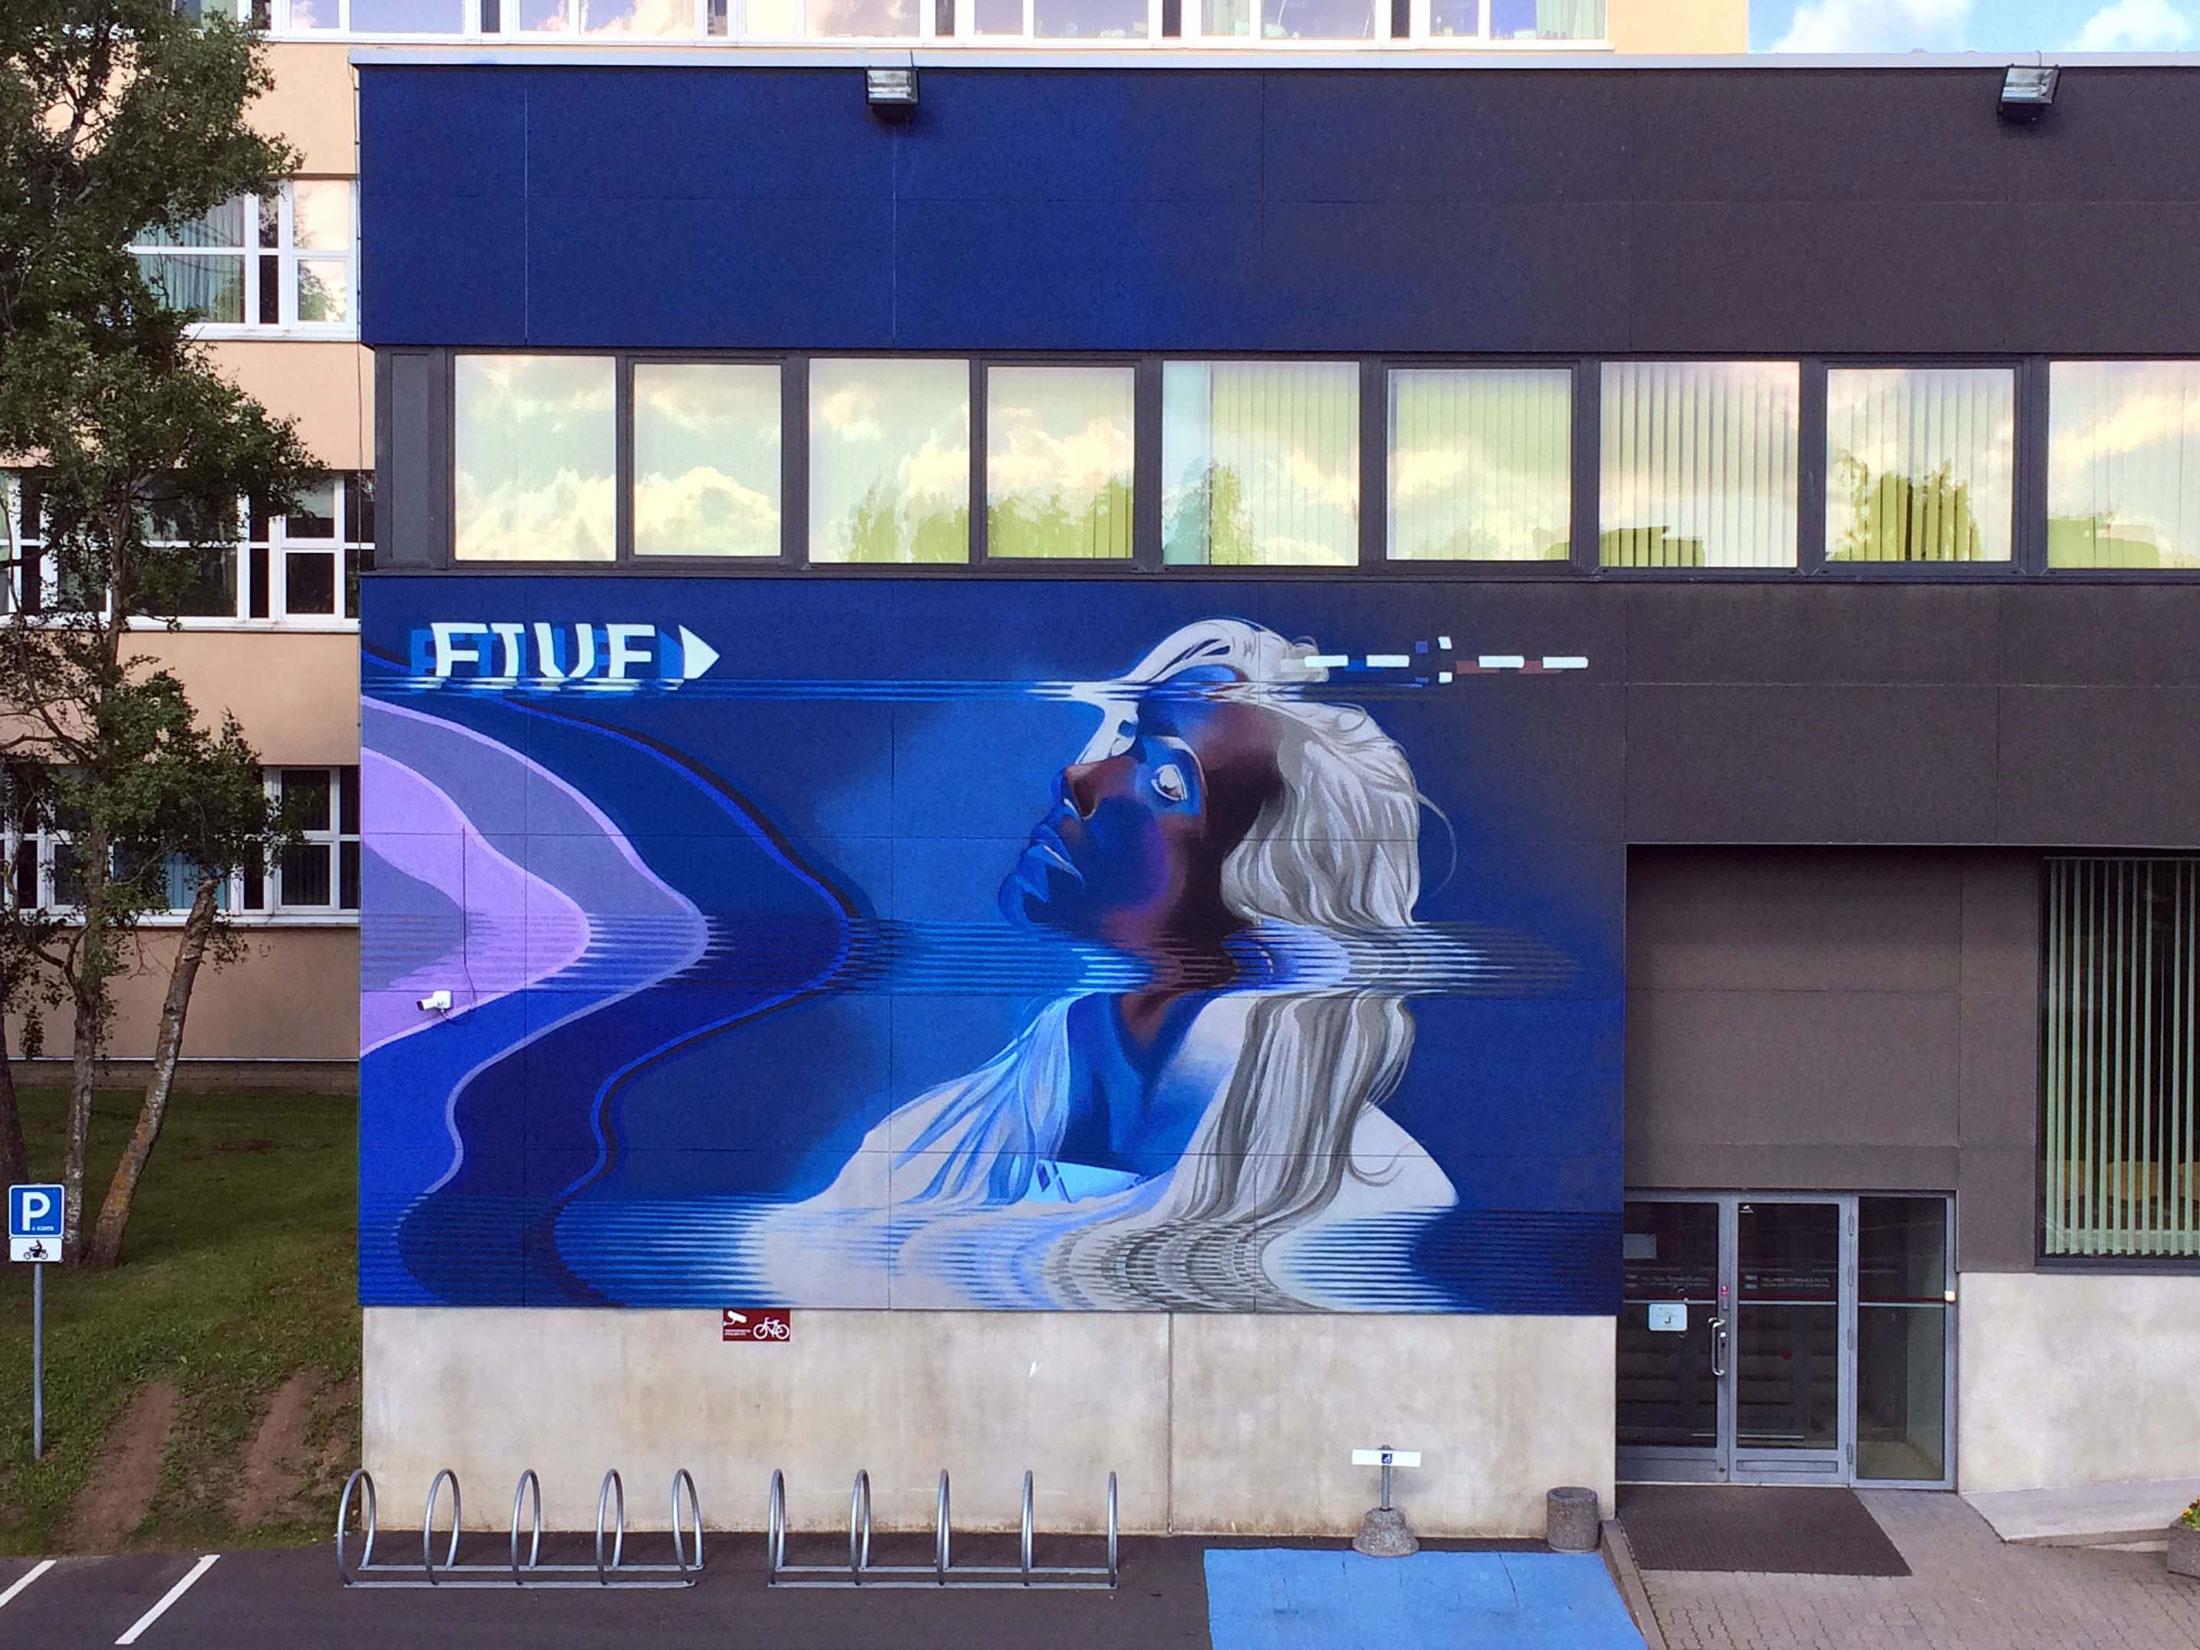 Ashop-Five8-Exterior mural-Estonia-2017